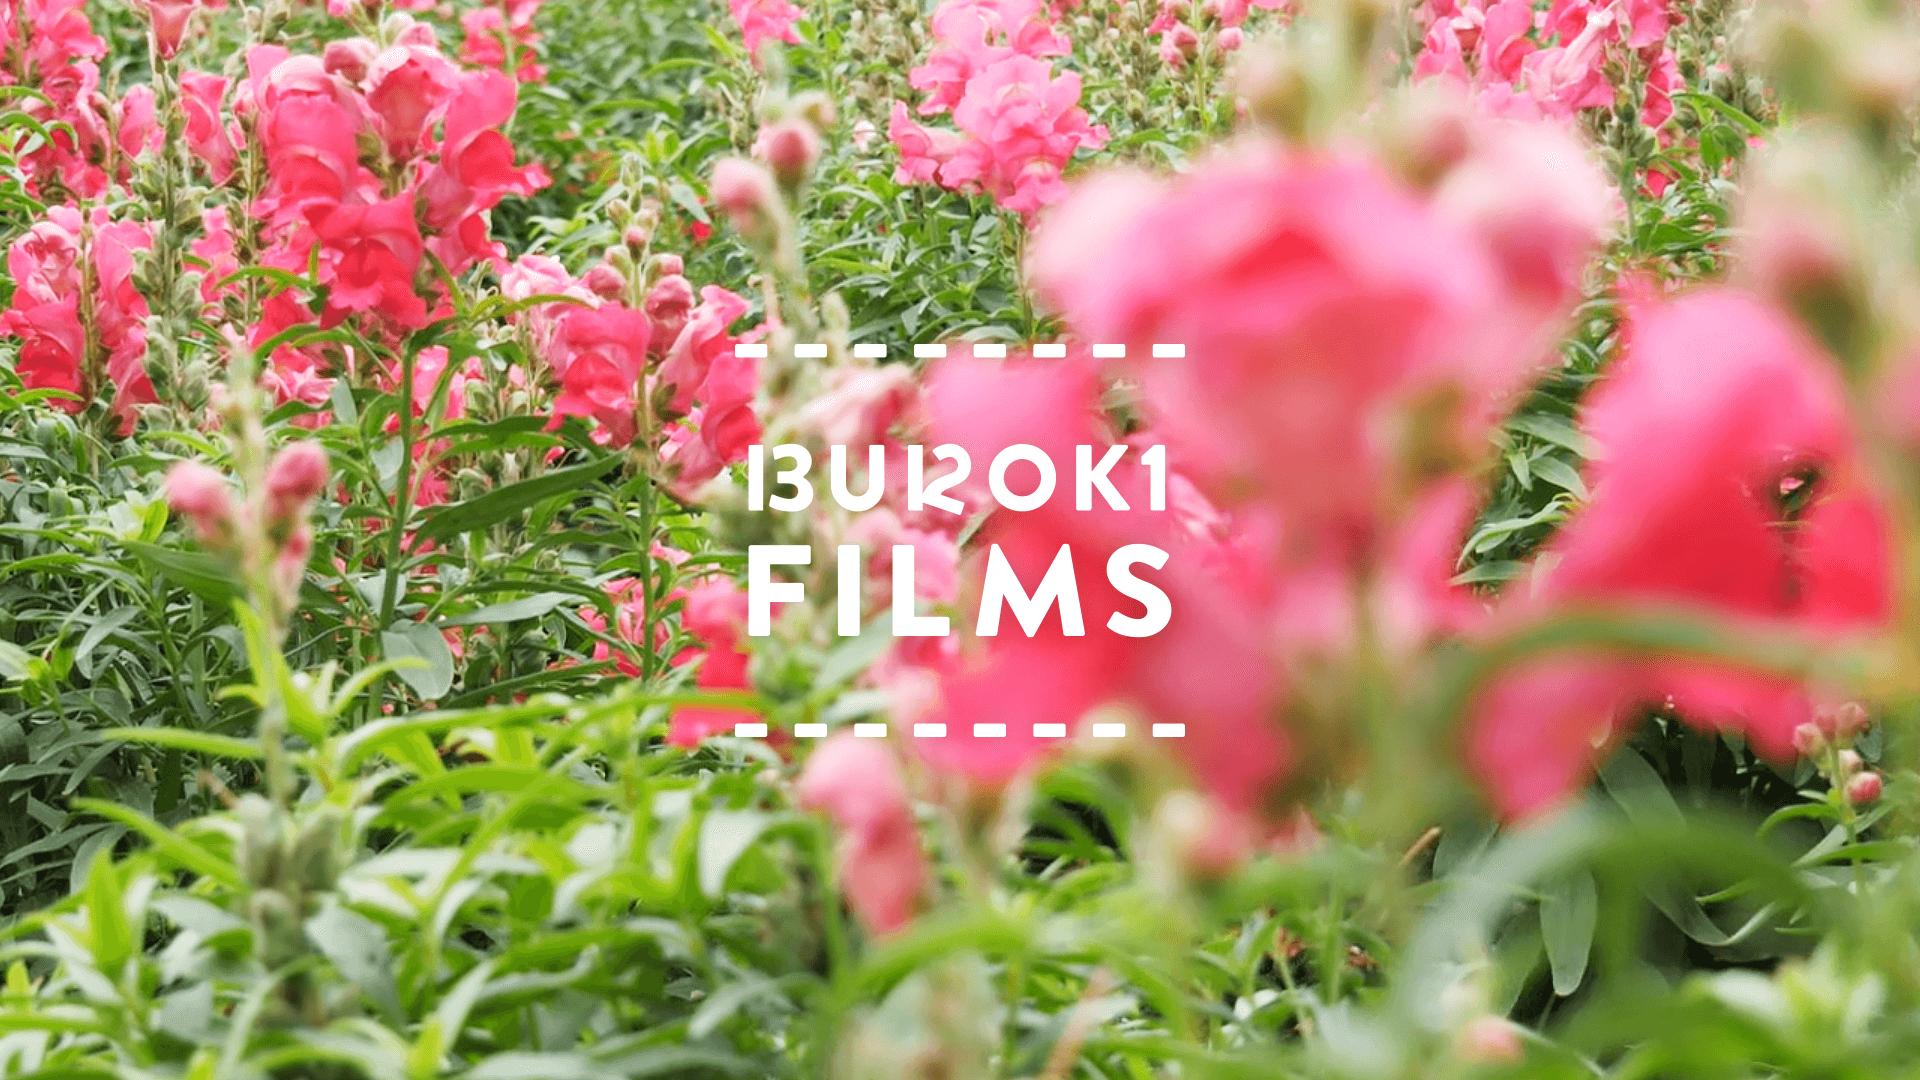 自分のYouTubeチャンネル「BUROKI films」のロゴデザイン